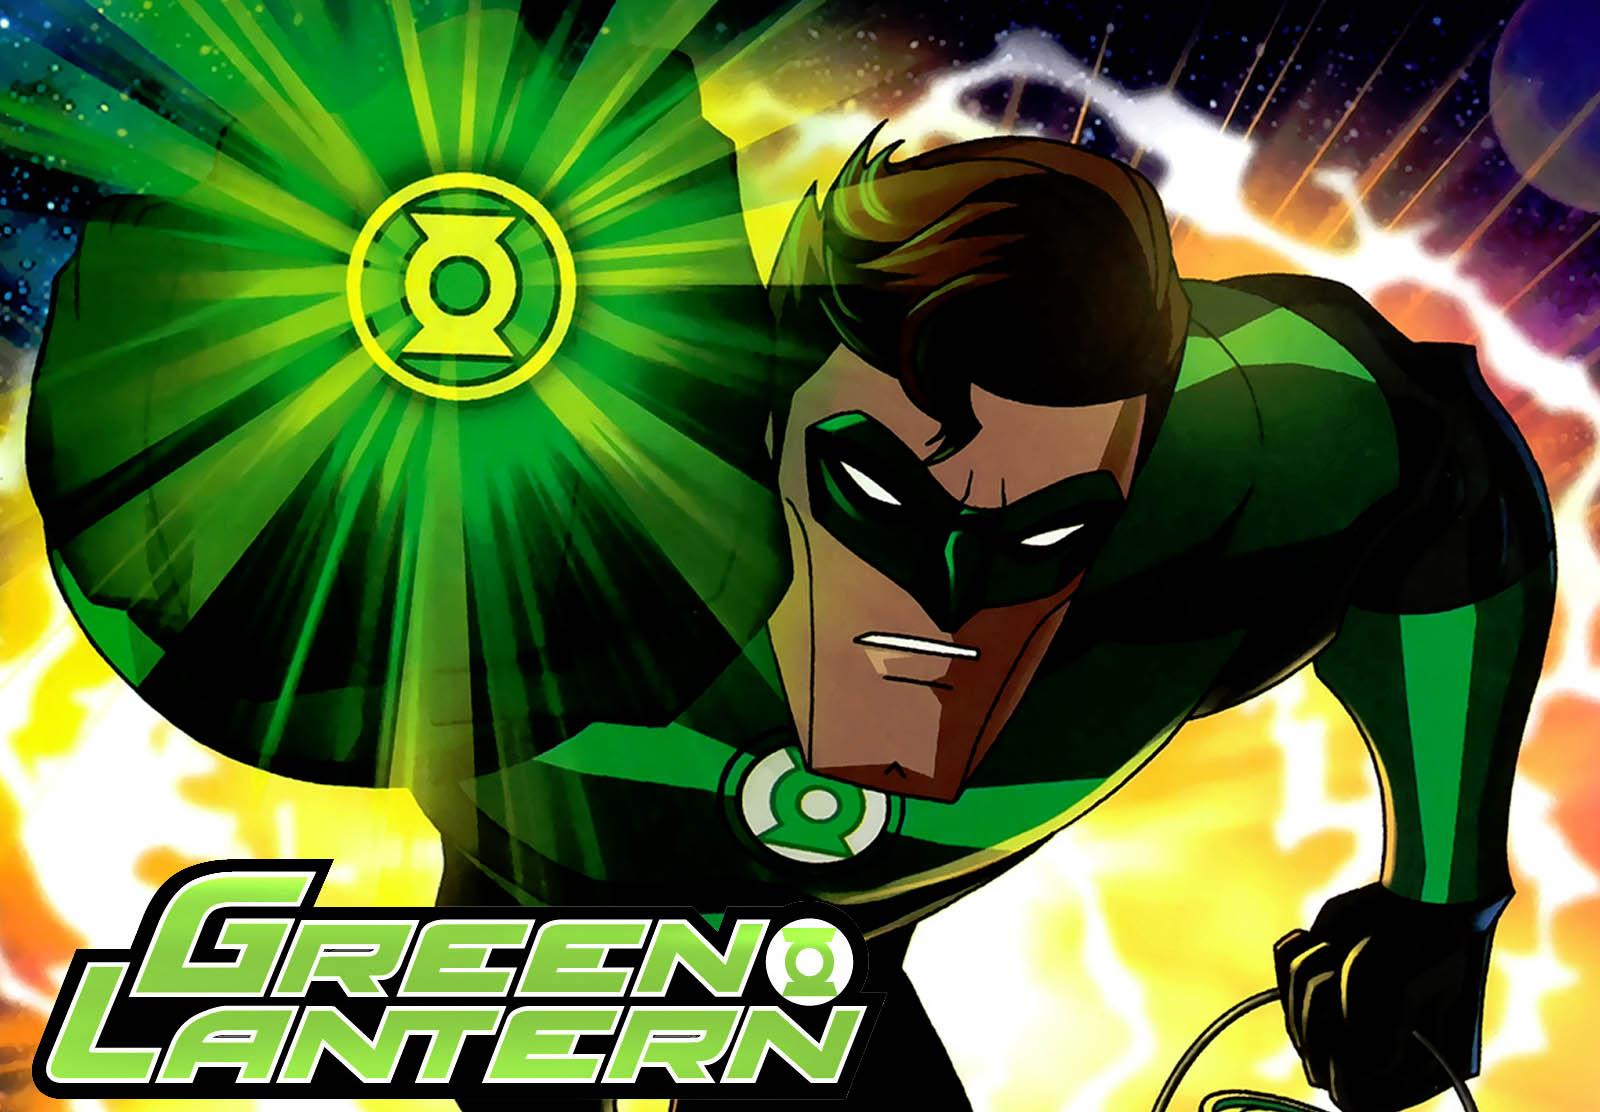 Green Lantern First Flight Poster 2397230   HD Wallpaper 1600x1112